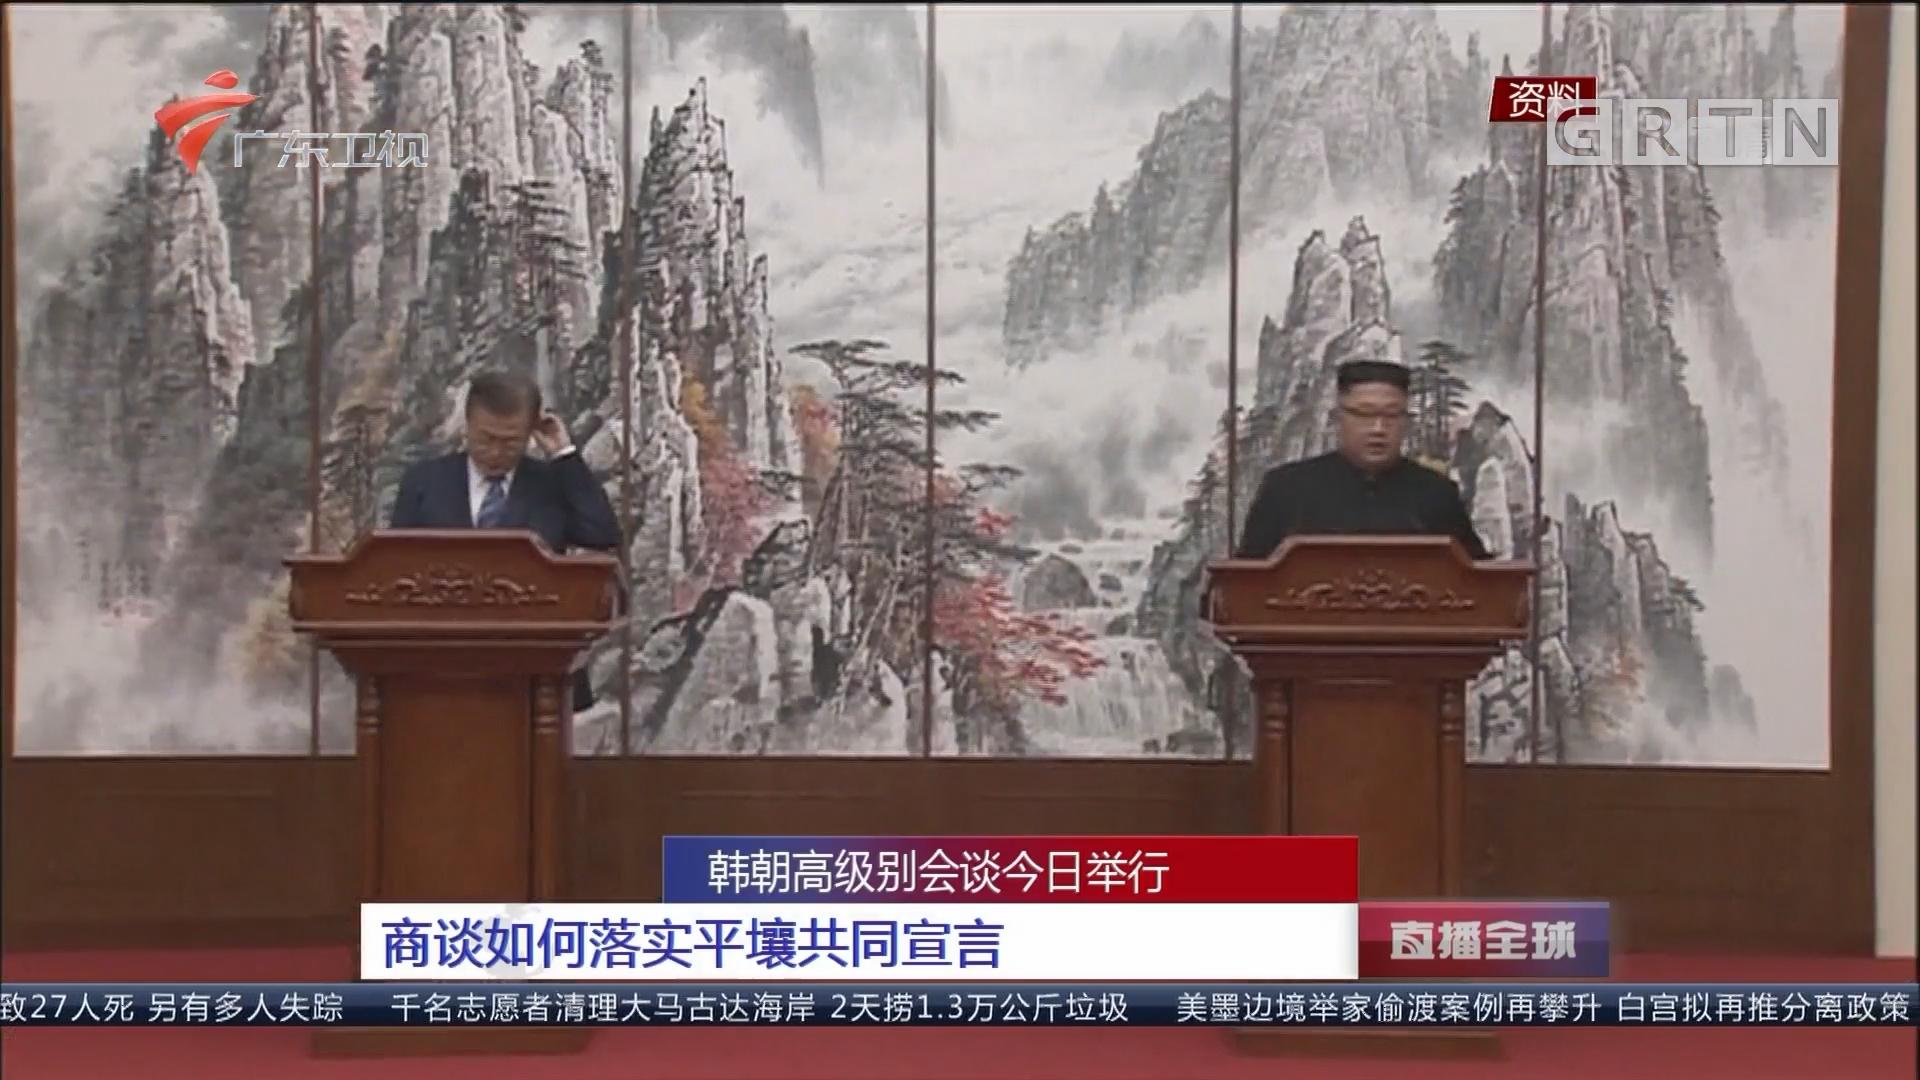 韩朝高级别会谈今日举行:商谈如何落实平壤共同宣言